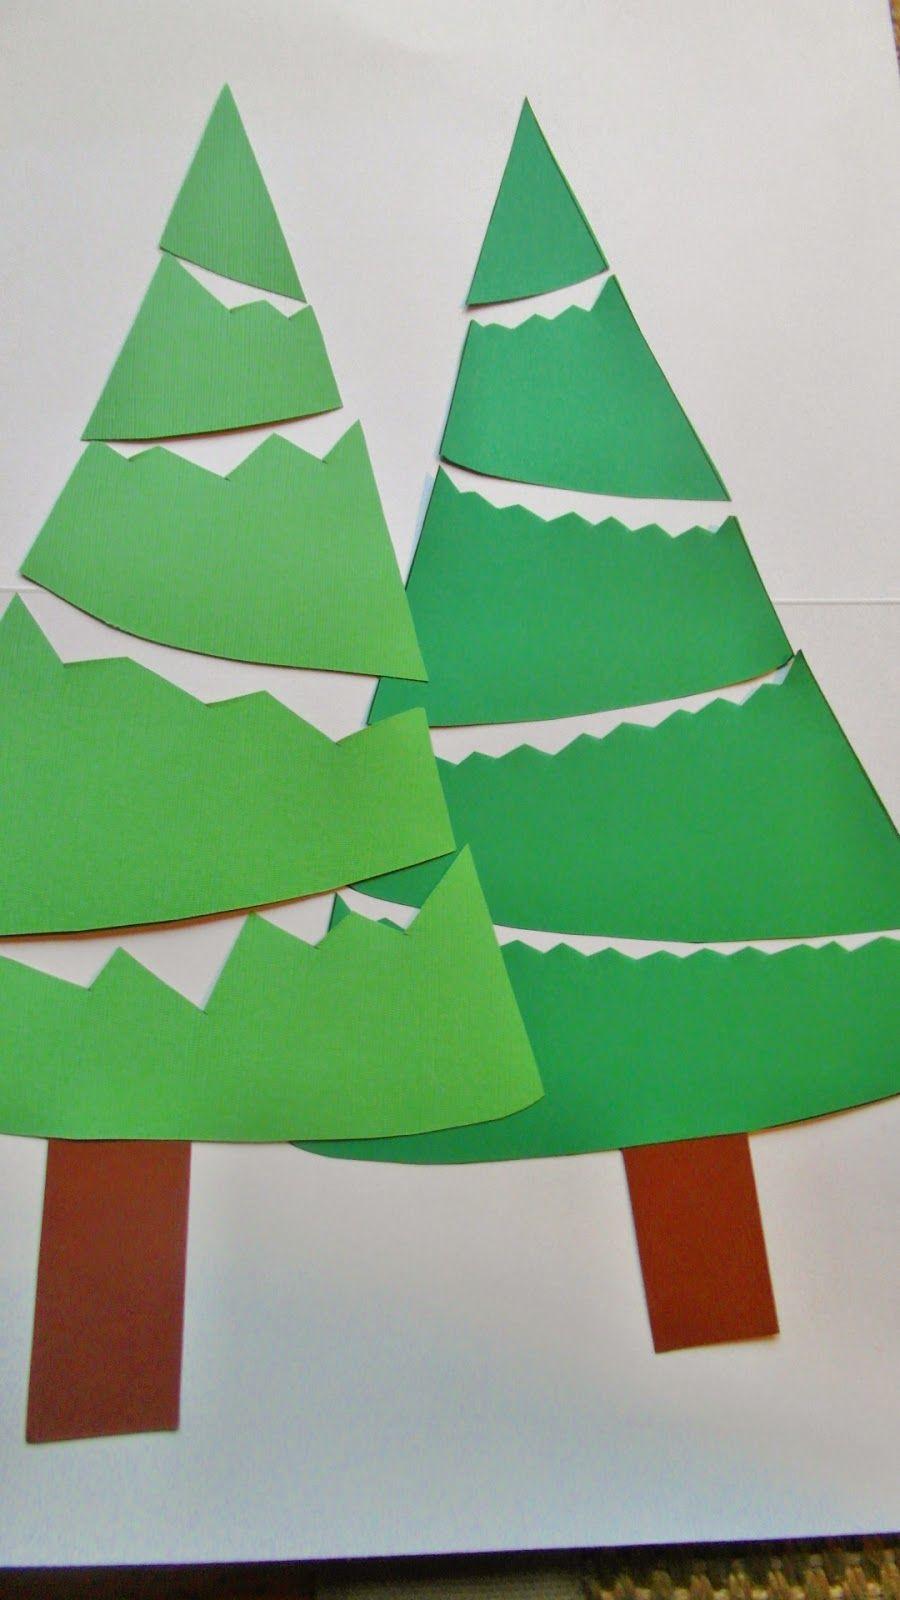 kruschkiste weihnachten fenst. Black Bedroom Furniture Sets. Home Design Ideas